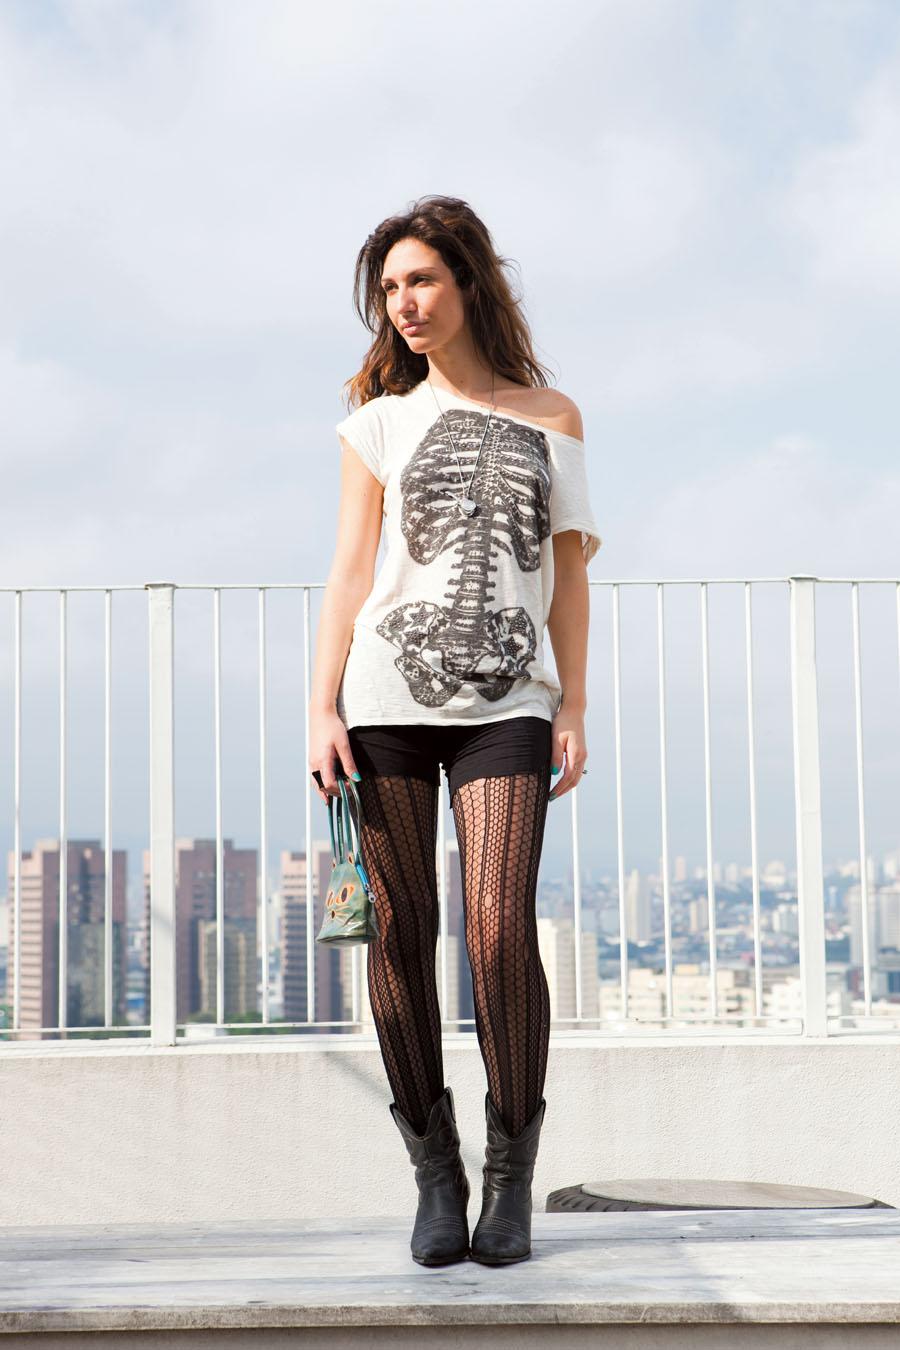 sexta-feira 5/3 às 13h Camiseta Zara Short da feira Benedito Calixto Meia-calça TriFill Bota Corello Bolsa de lojinha em Atenas Anel e colar Access